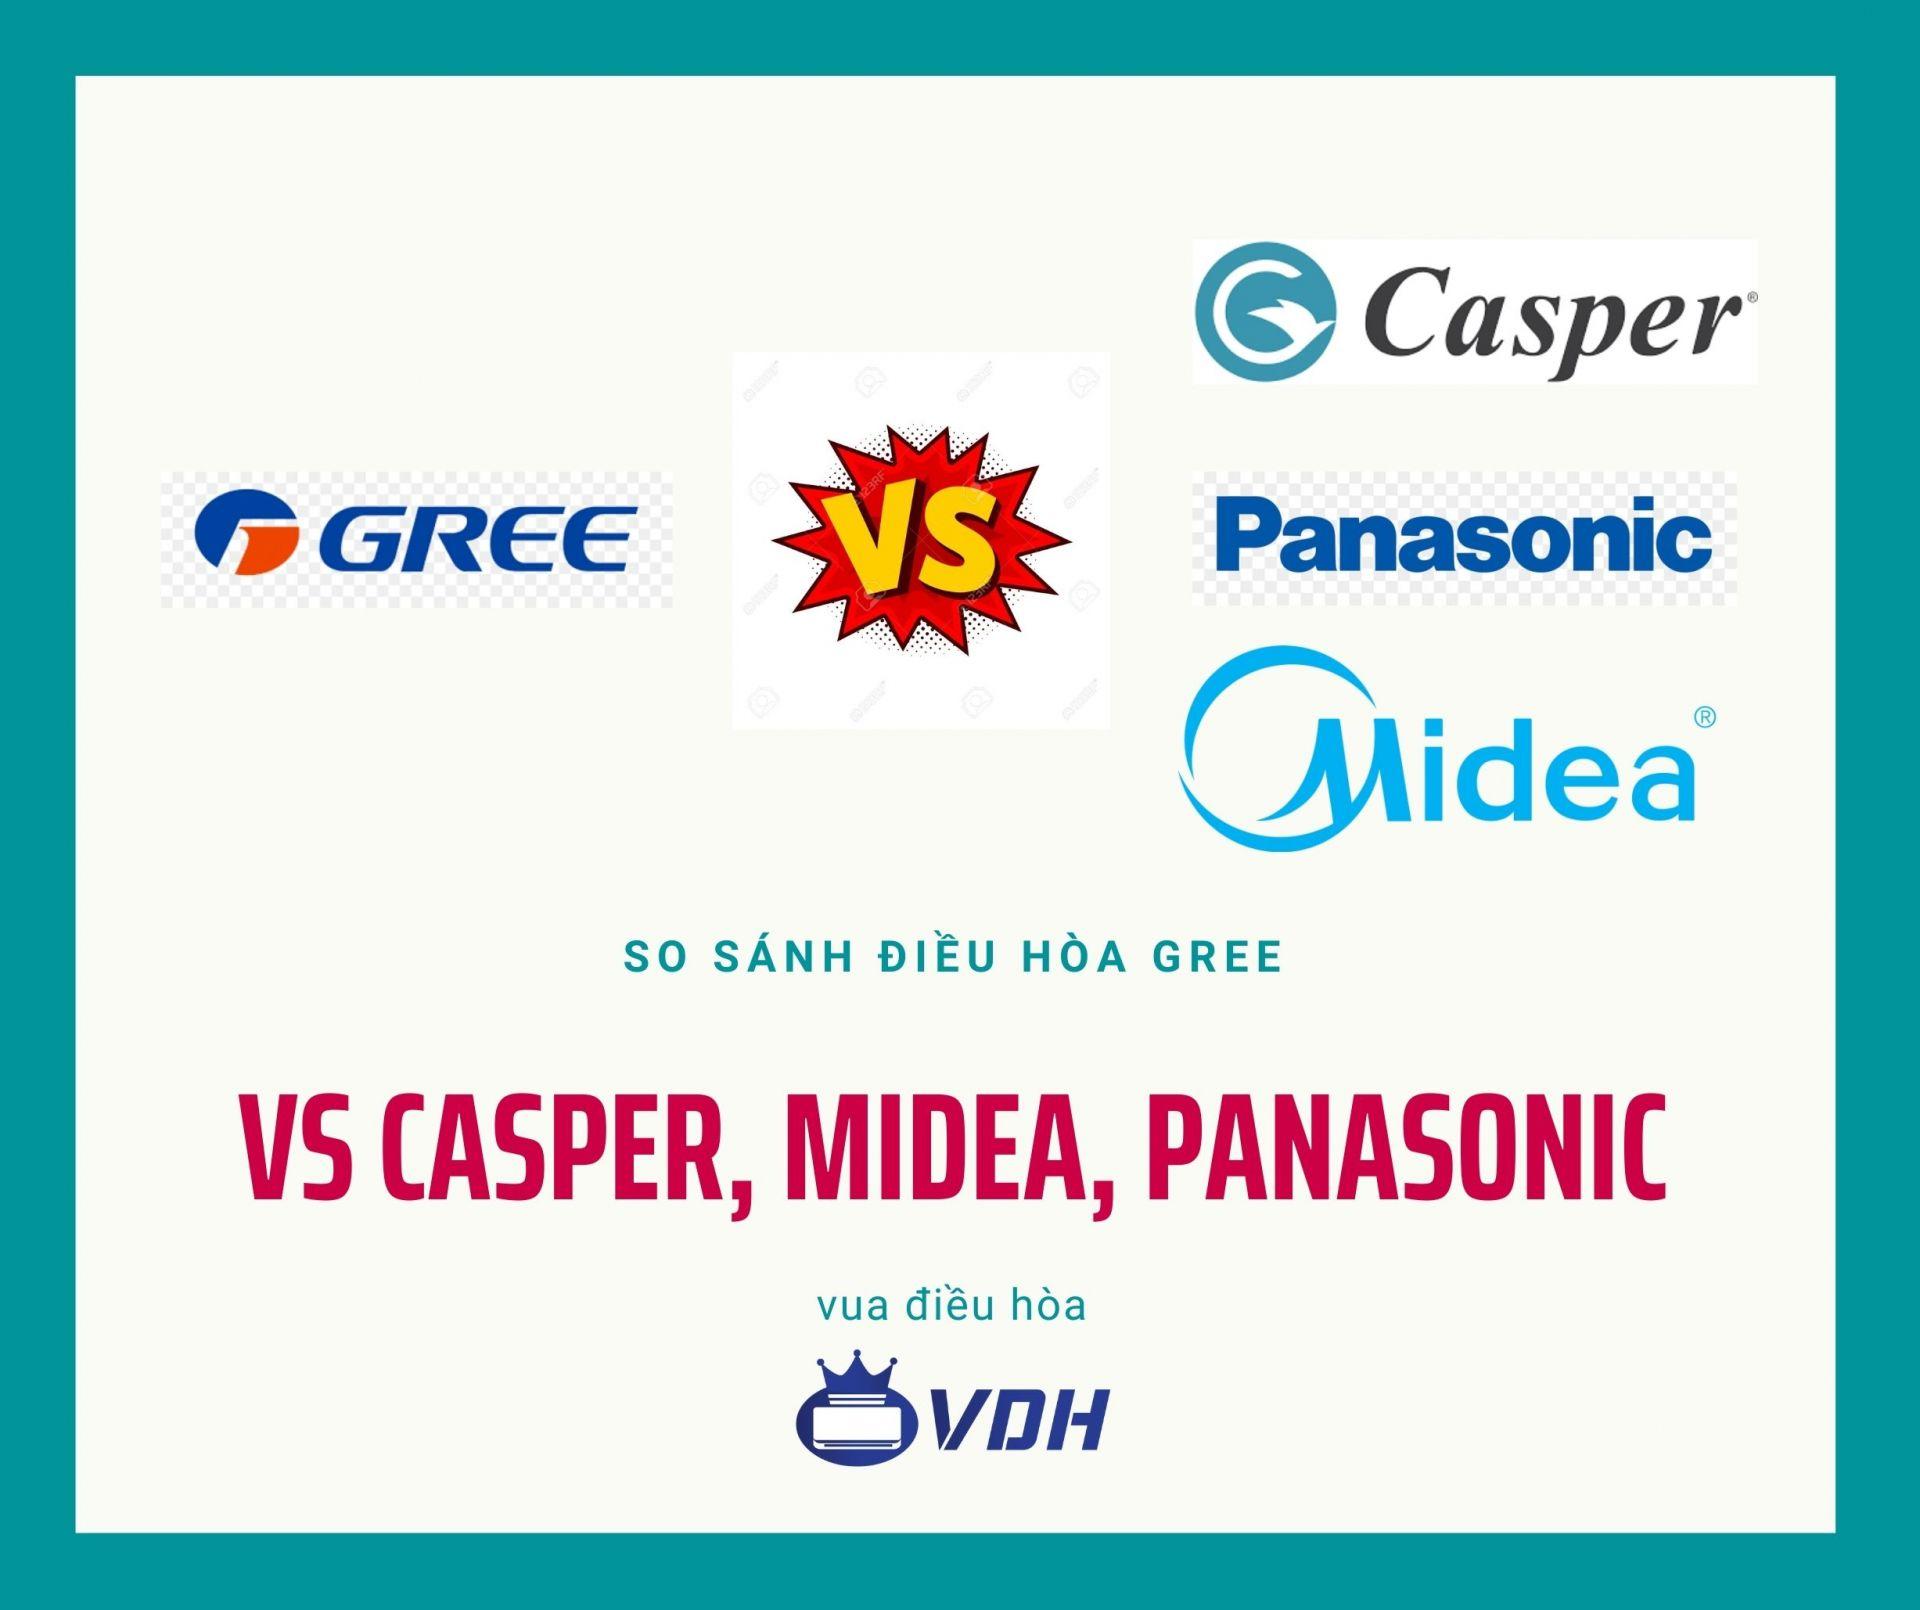 So sánh điều hòa Gree với Midea, Sharp, Panasonic, Casper